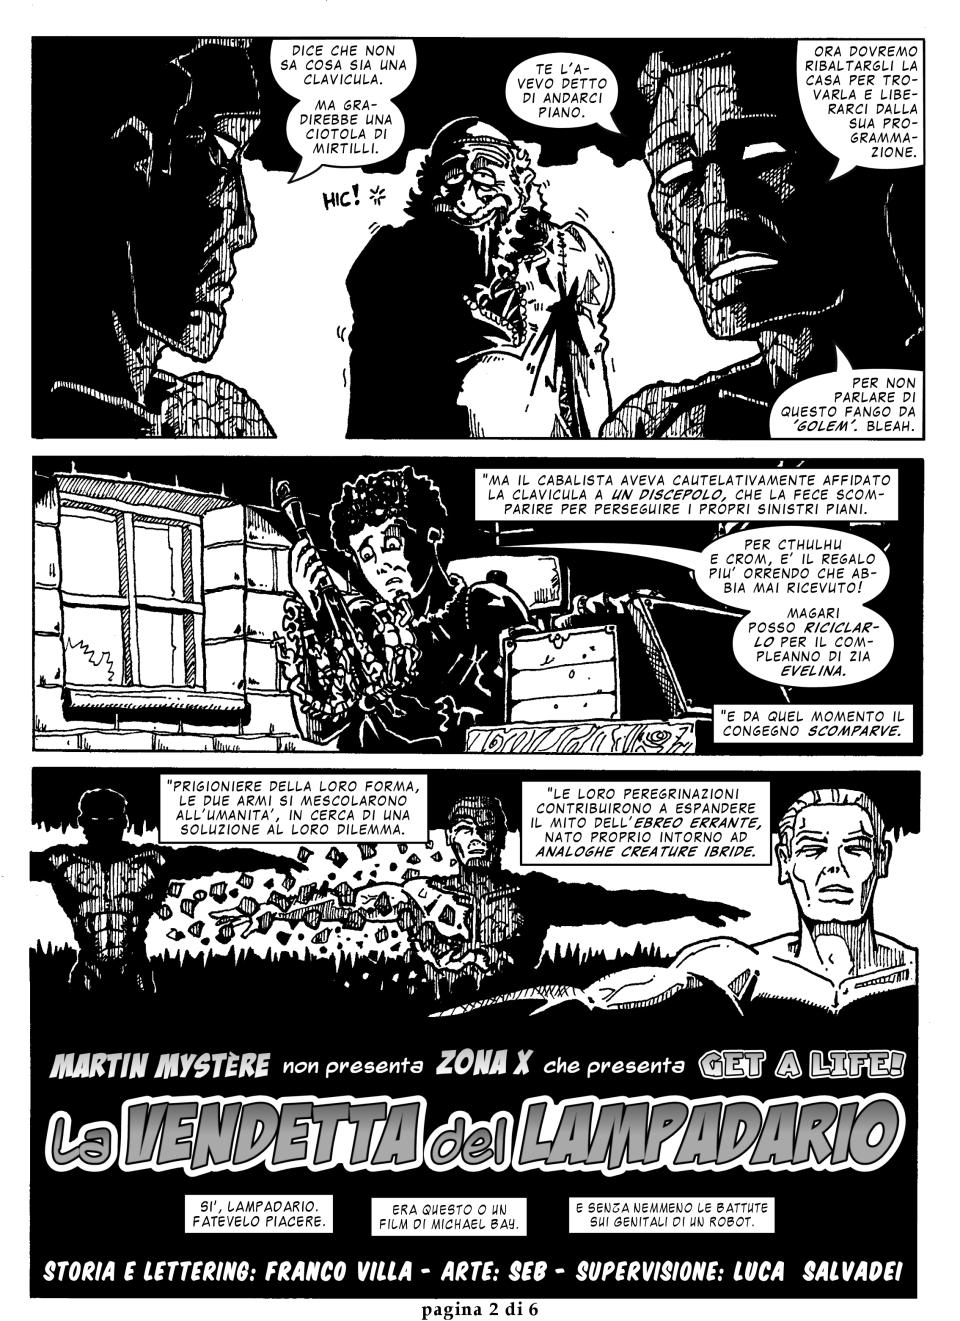 Get a Life 3 - pagina 2